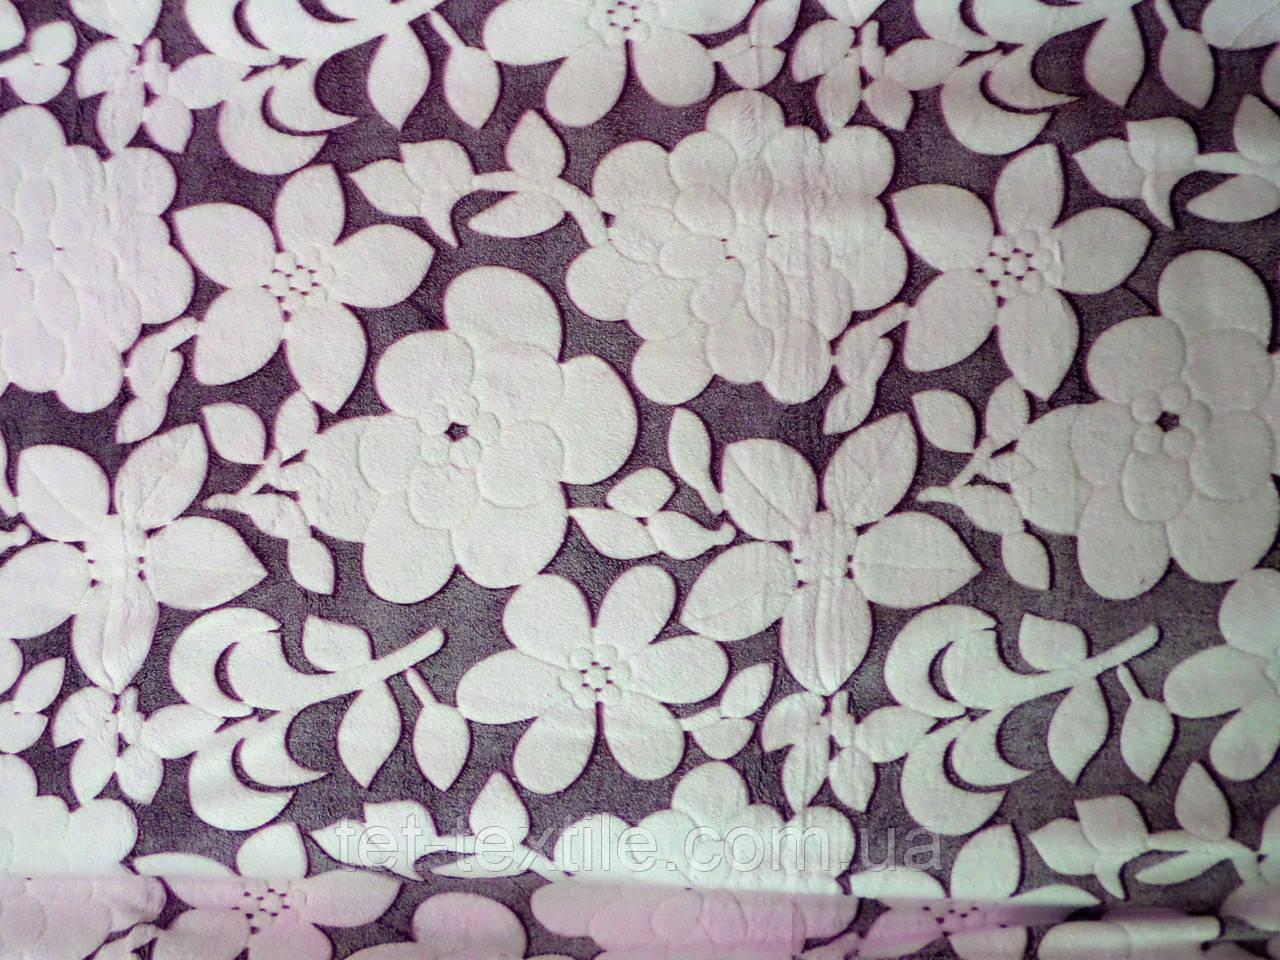 Плед из бамбукового волокна Wellsoft Цветы сливовые (200х220)